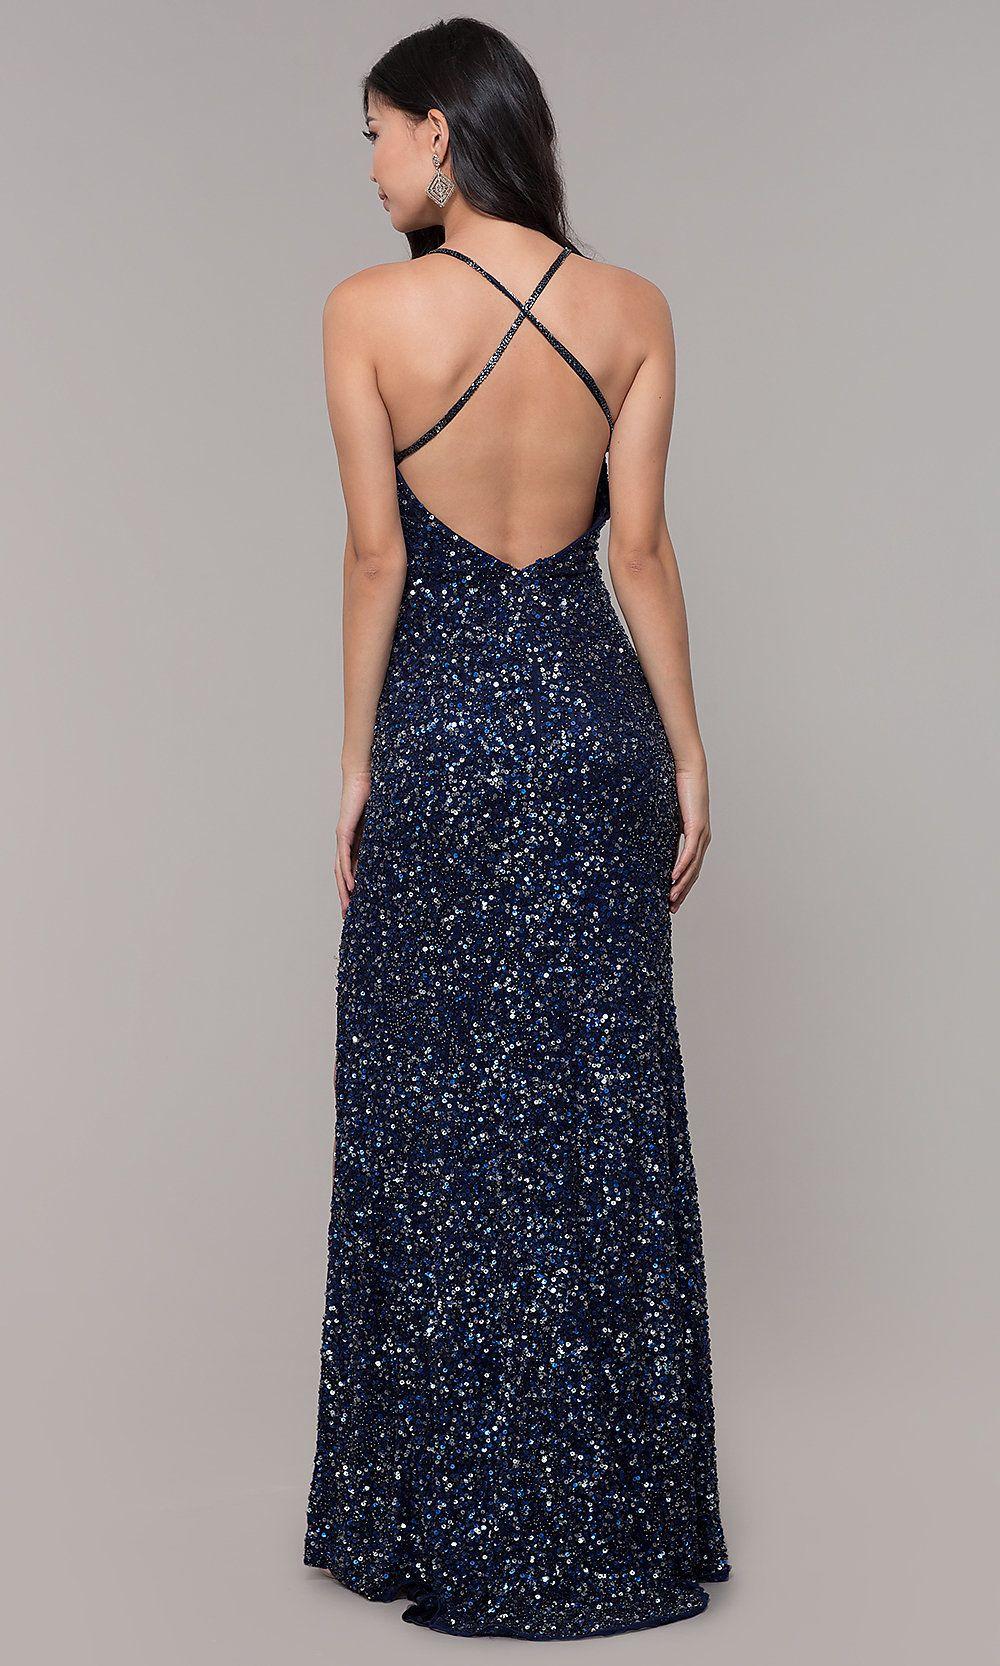 Long Sequin-Mesh Formal V-Neck Dress in 2019  ed633be20